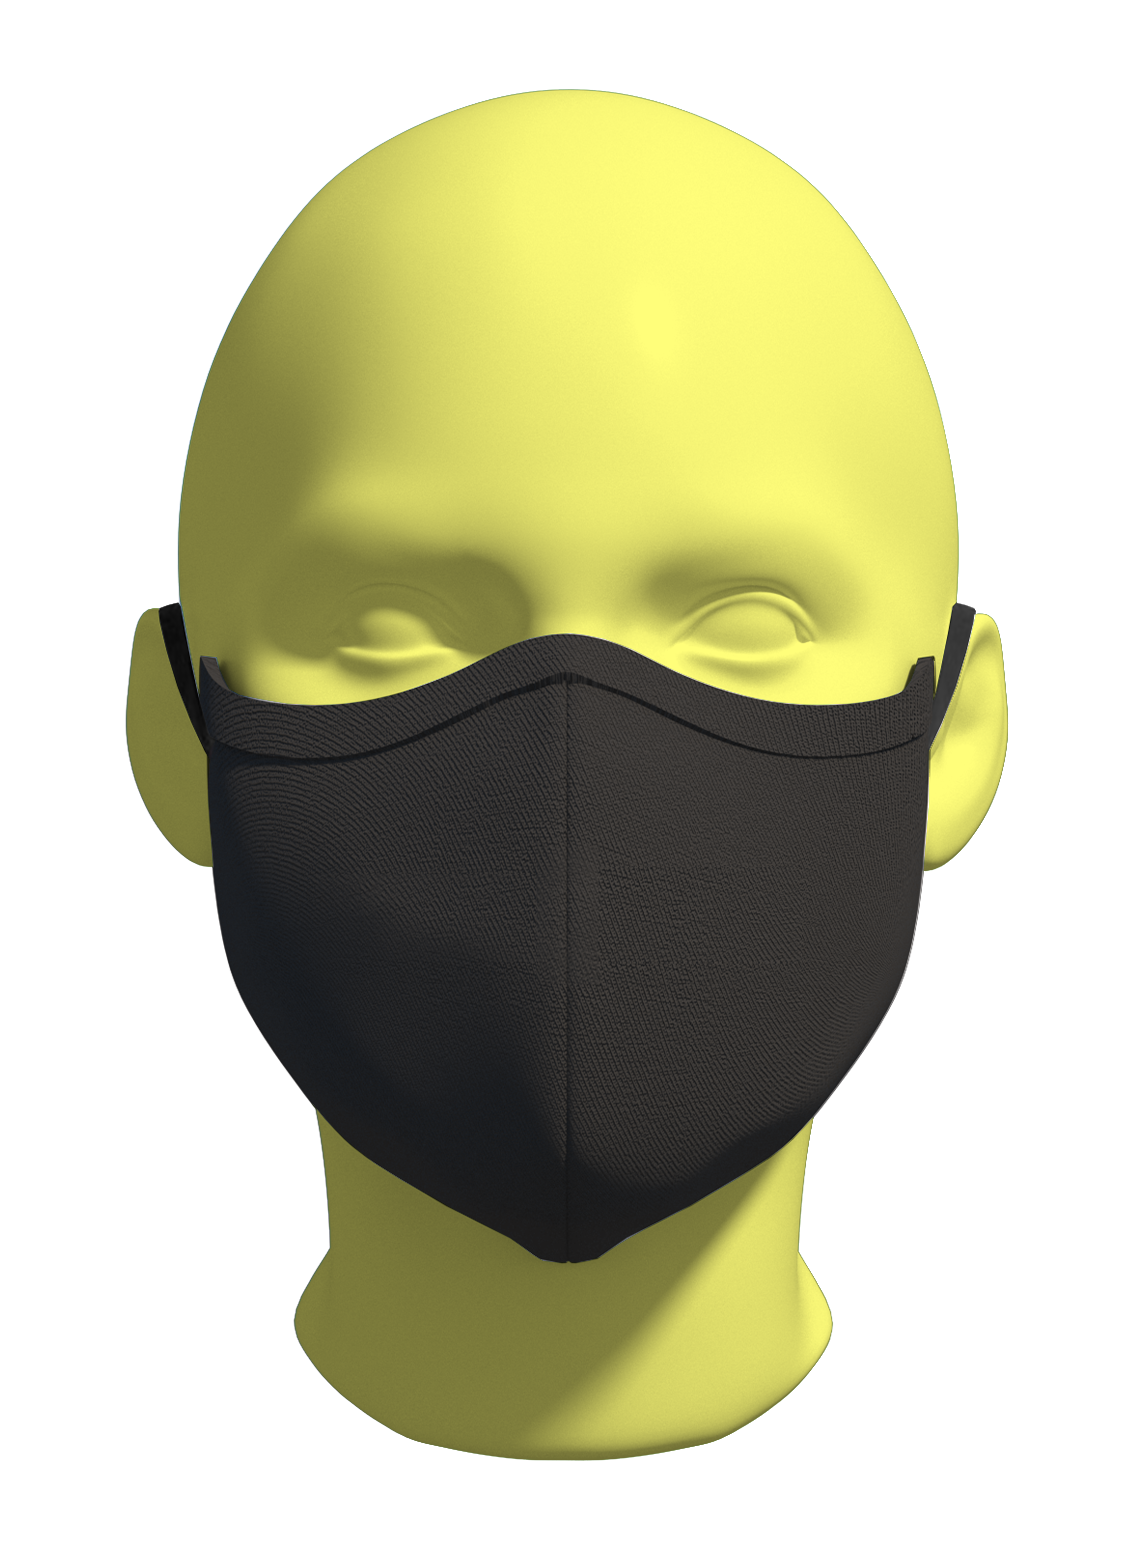 Библиотека ароматов Маска гигиеническая «Маска для лица, M» (Face mask, M-size) 1шт фото